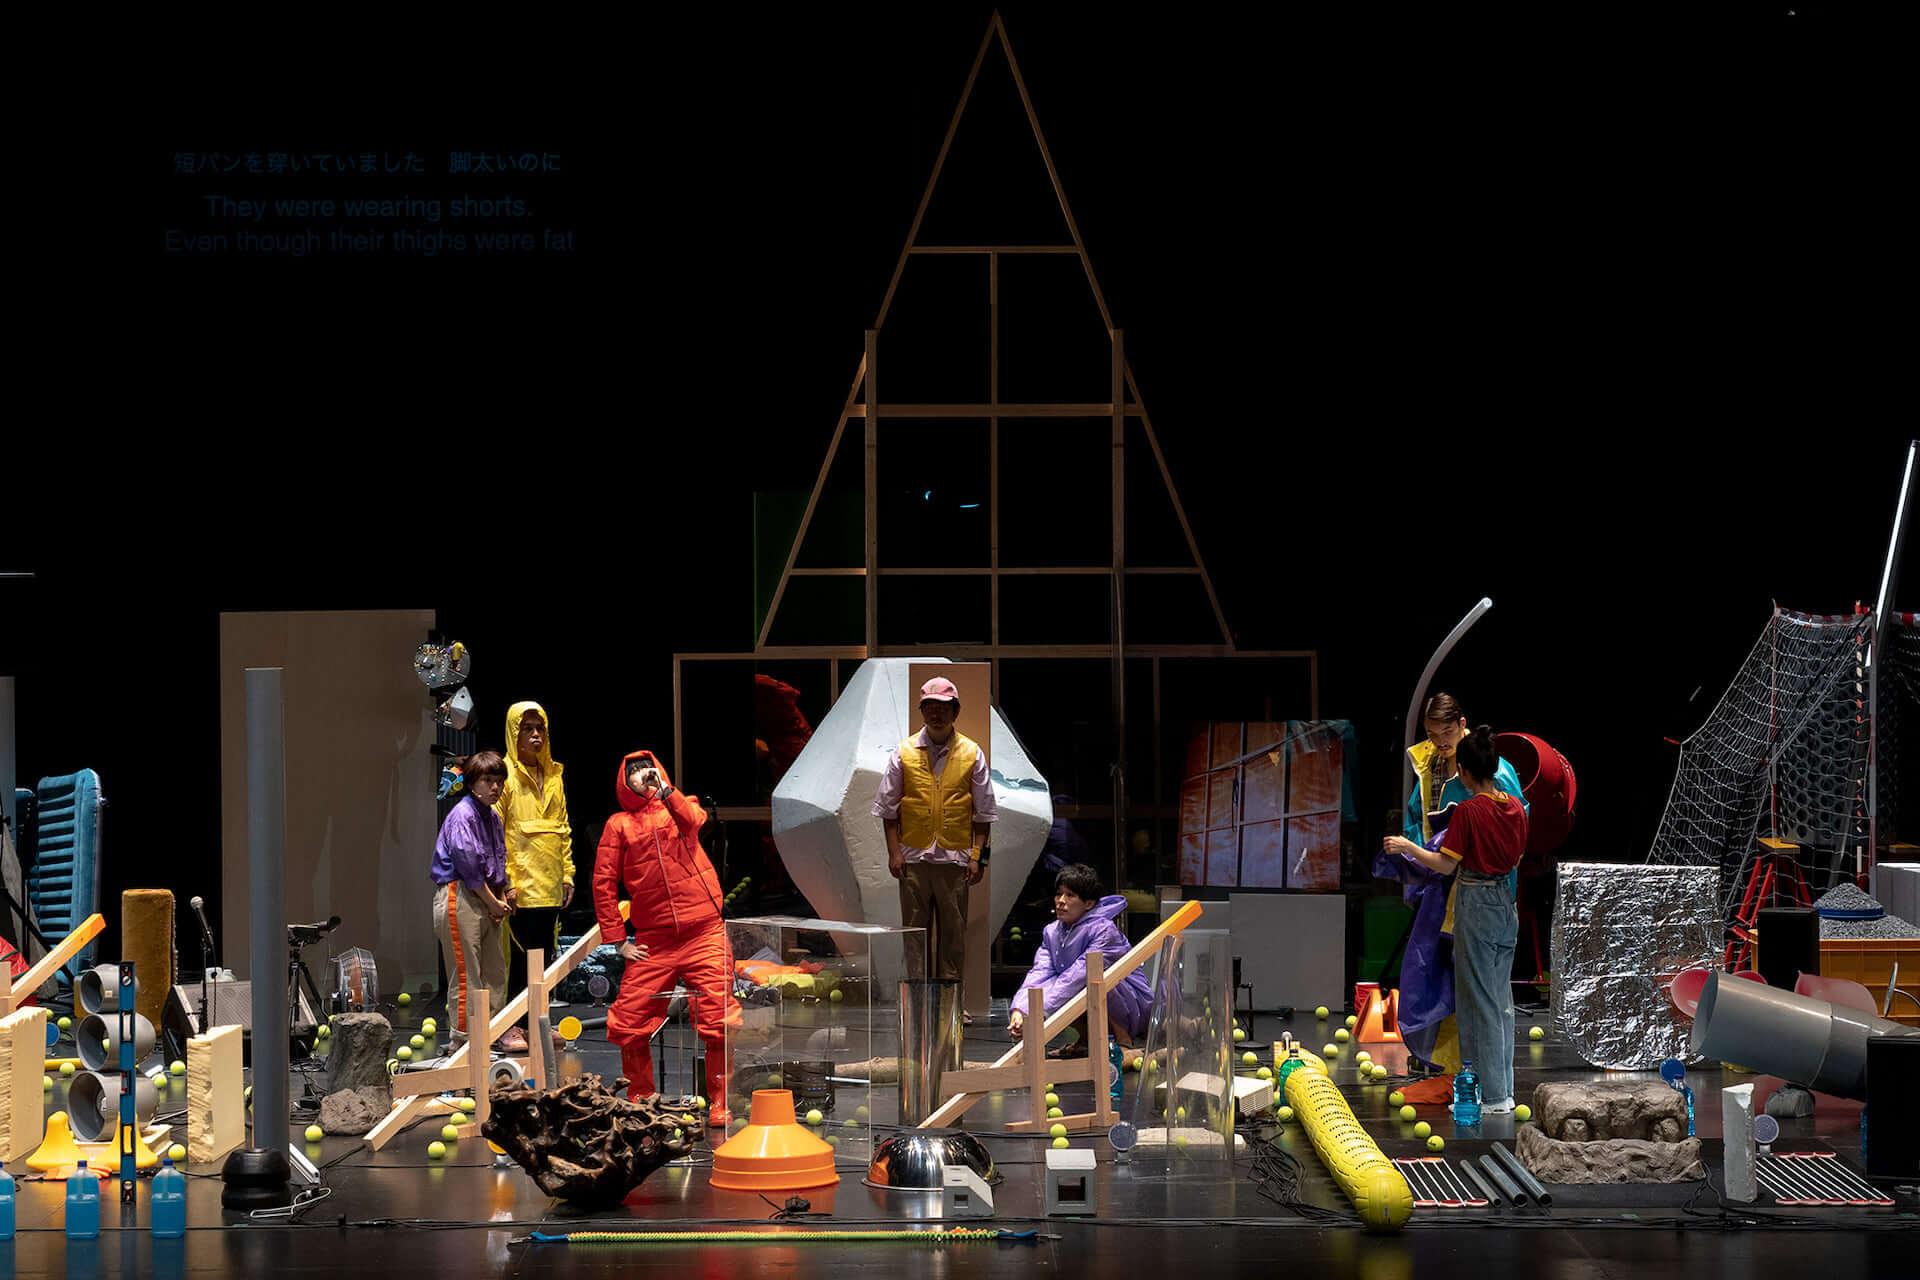 バリアフリー型のオンライン劇場「THEATRE for ALL」がオープン決定!SIDE COREのメディアアートほか演劇、映画、ダンス作品など多数配信 art201223_theatreforall_2-1920x1280